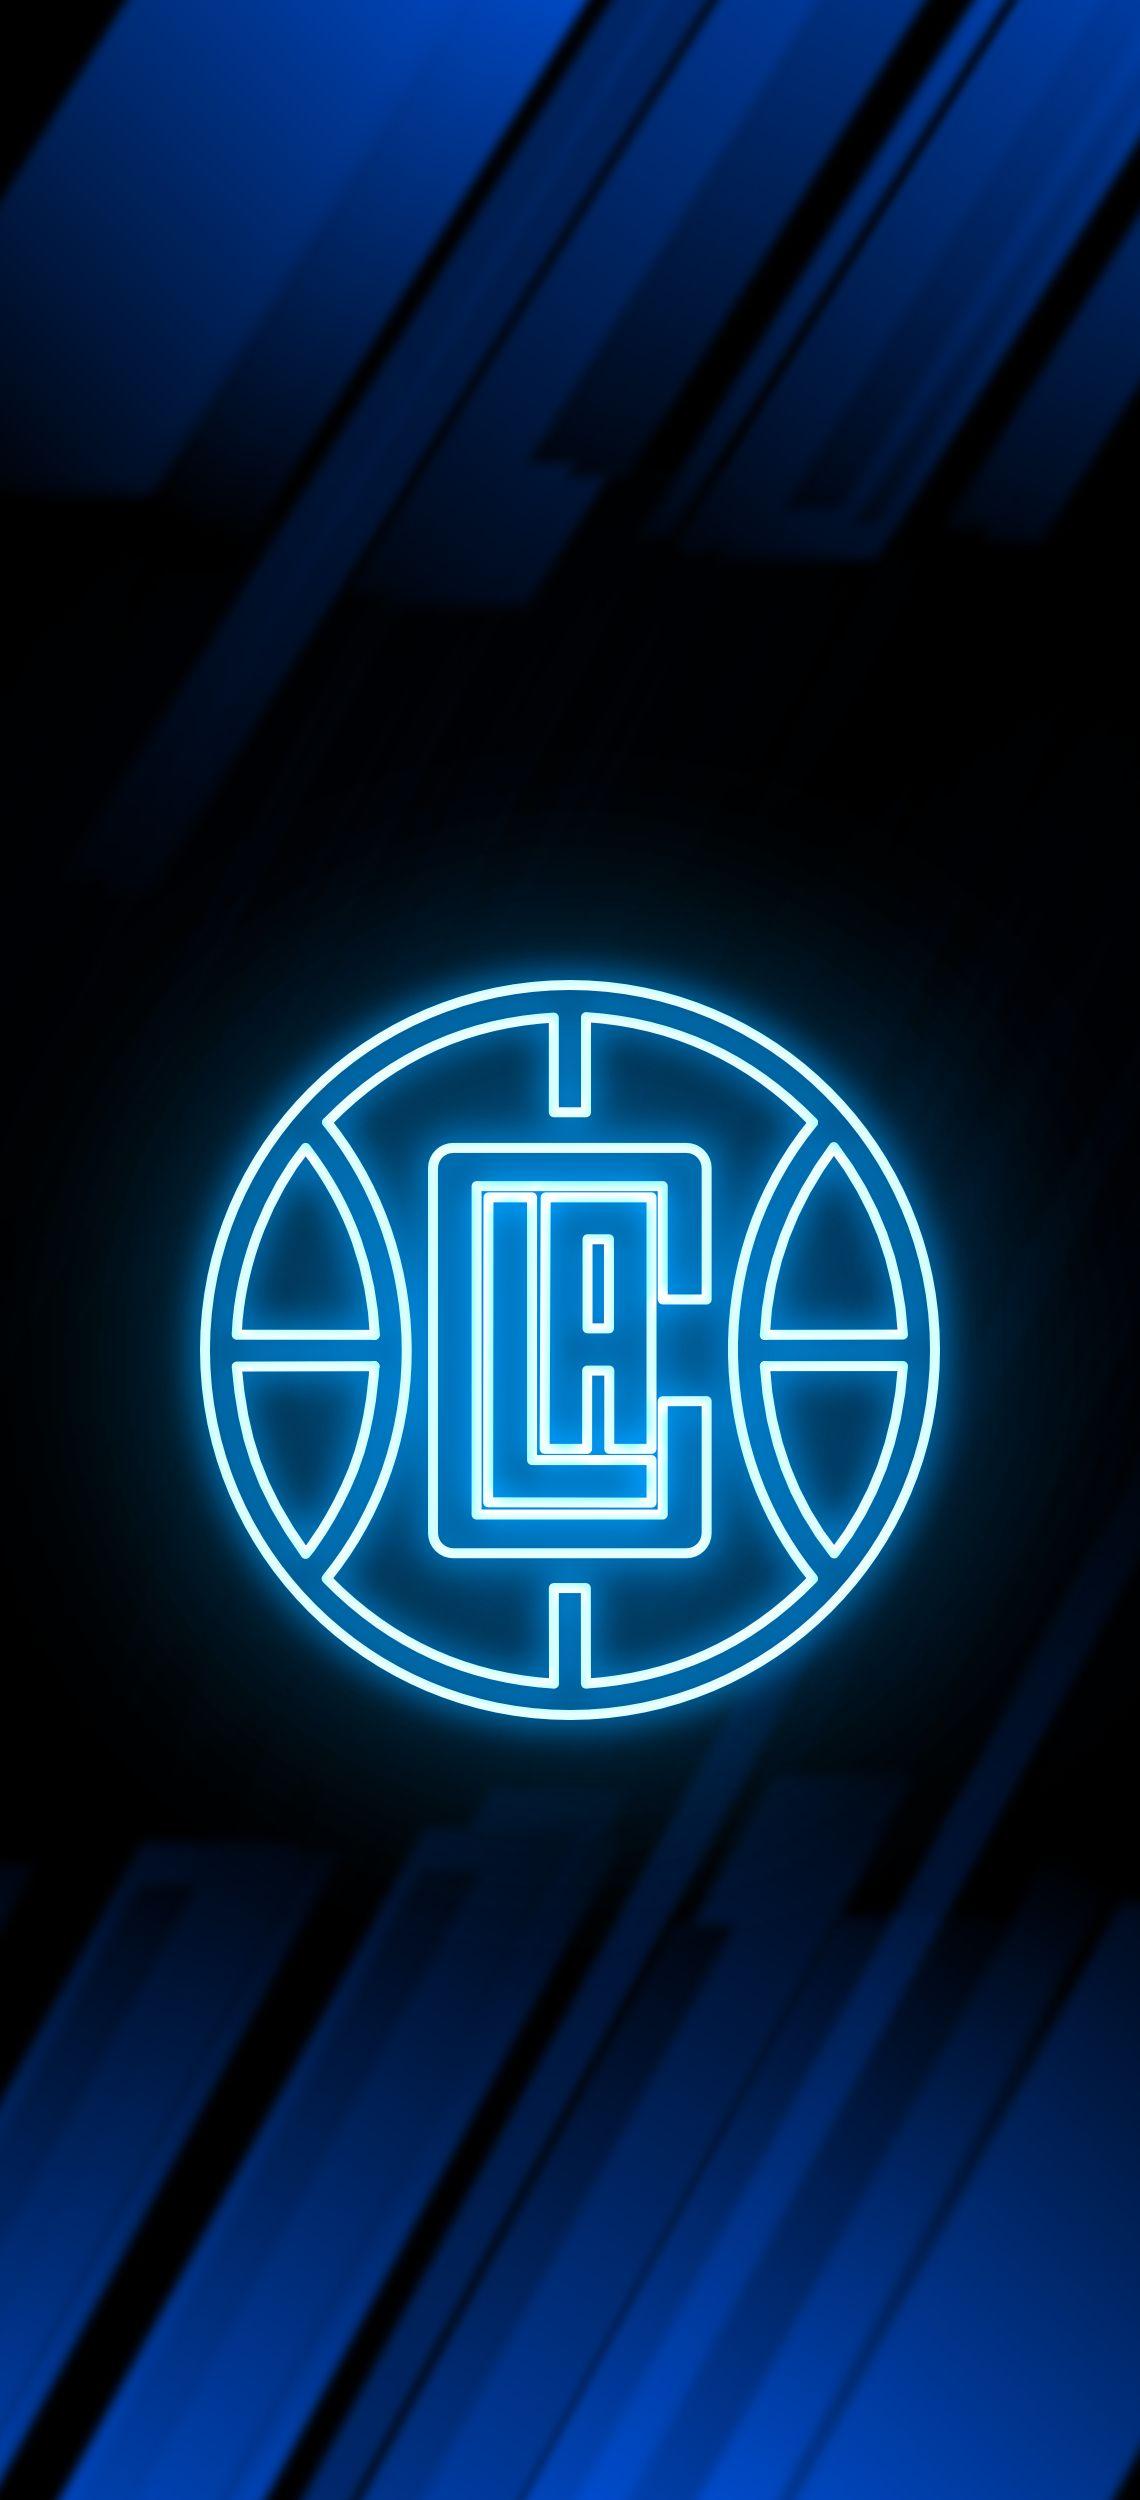 Los Angeles Clippers Neon Wallpaper Los Angeles Clippers Nba Basketball Teams Nba Wallpapers